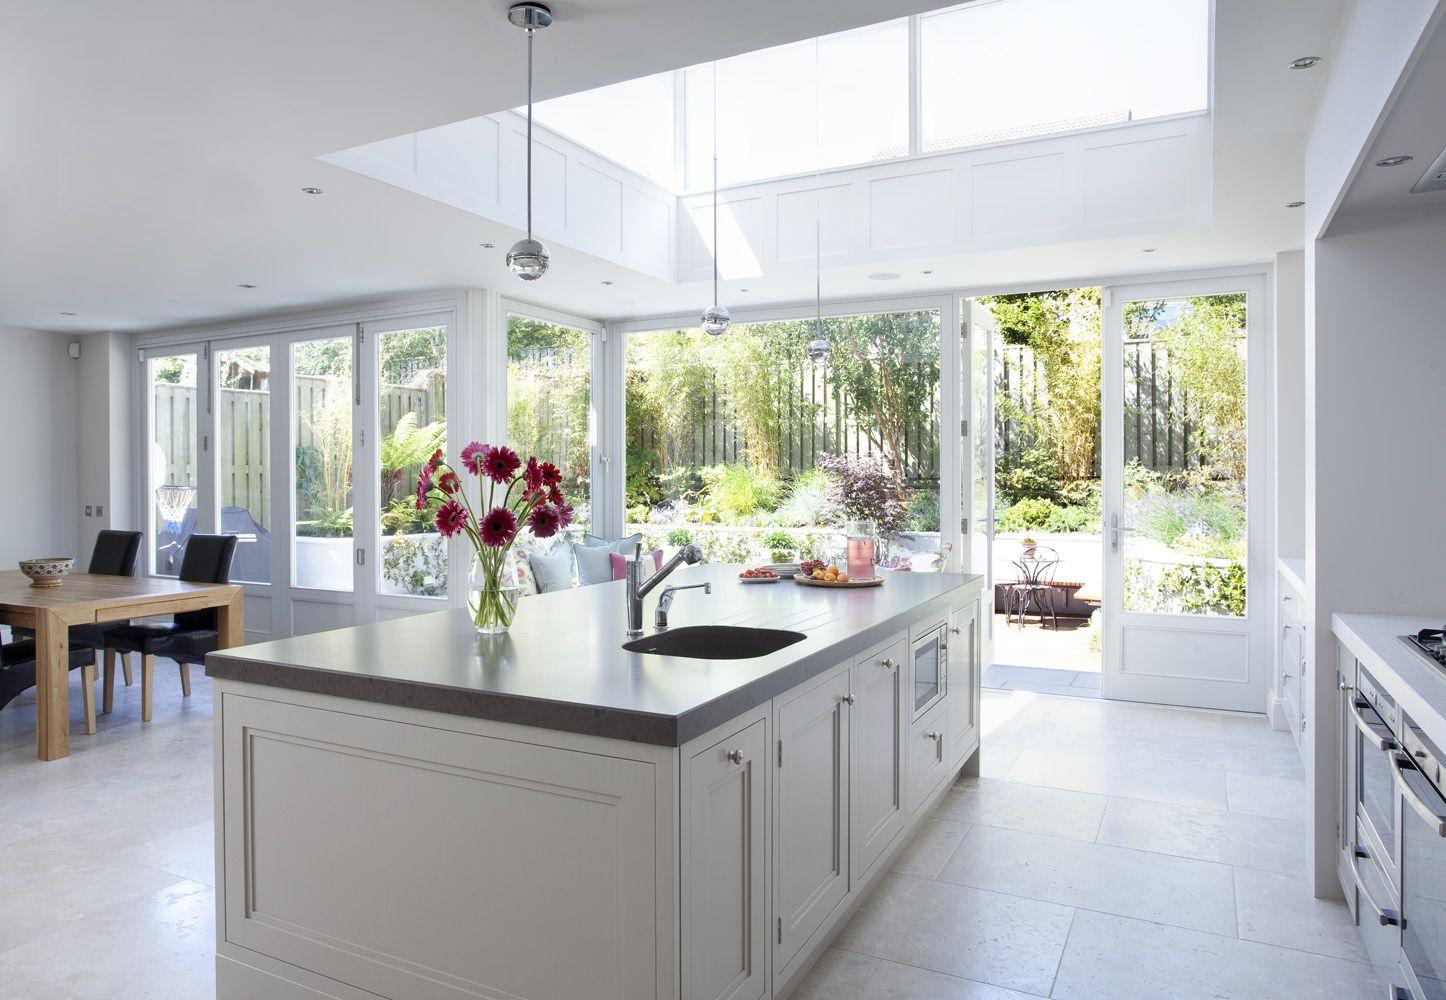 Contemporary Kitchens Contemporary Kitchens Dublin Contemporary Kitchens Irel Contemporary Kitchen Contemporary Modern Kitchen Living Room And Kitchen Design